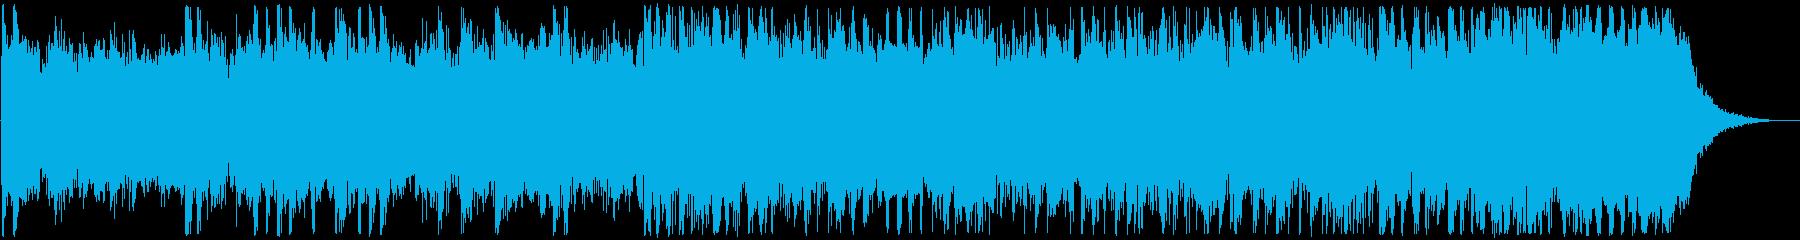 ロック、メタル25秒ジングル リード抜きの再生済みの波形